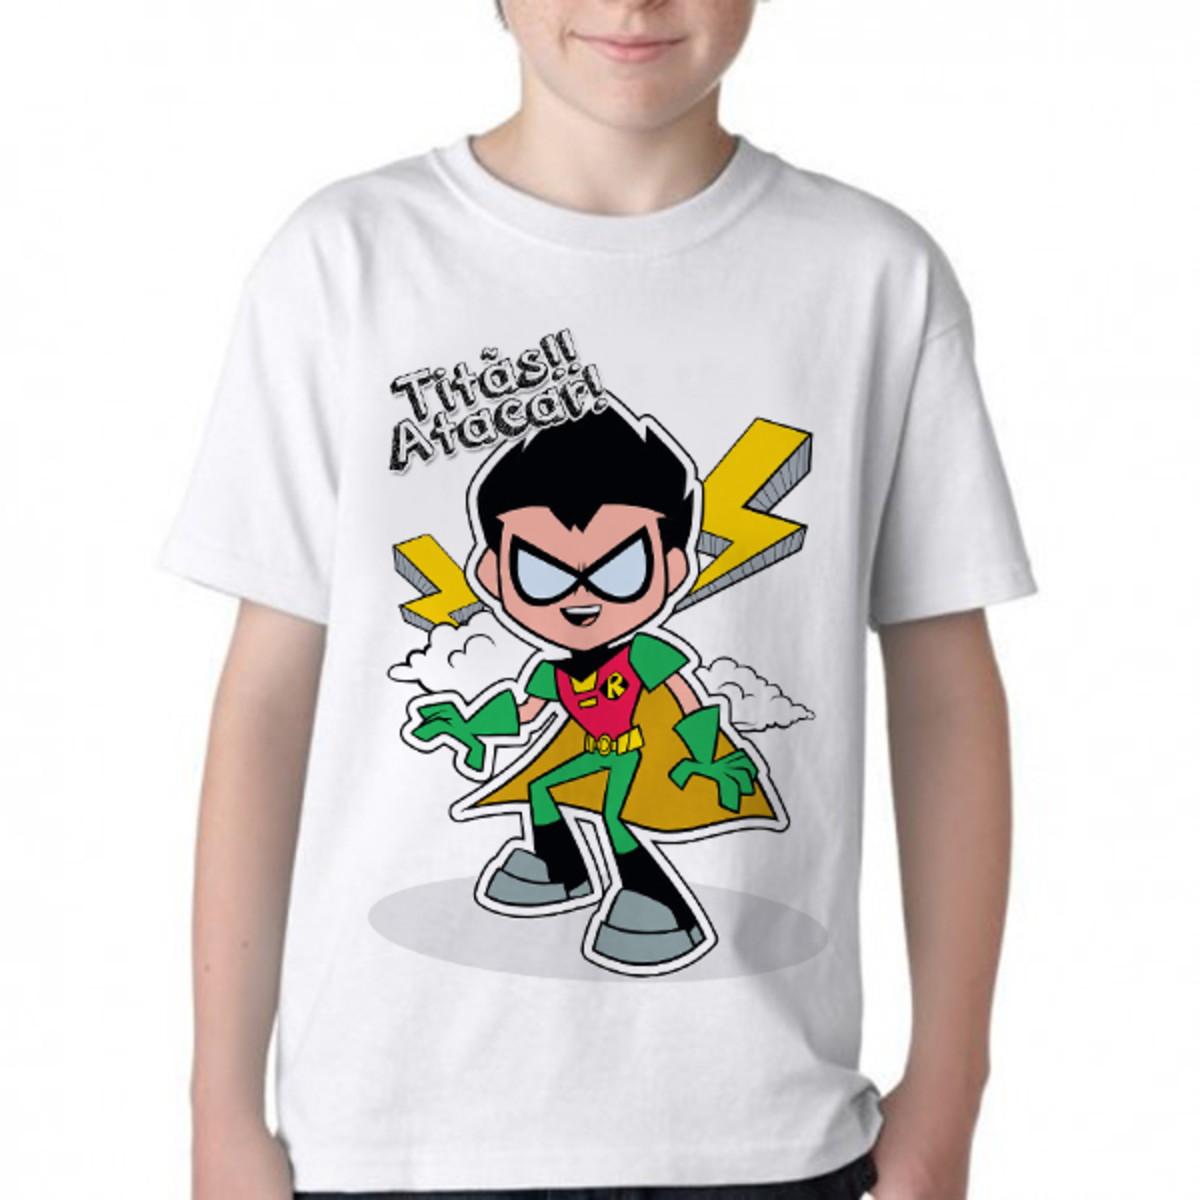 e2ad923e7f Camiseta Infantil Blusa Criança Robin Titãs em ação titan go no Elo7 ...